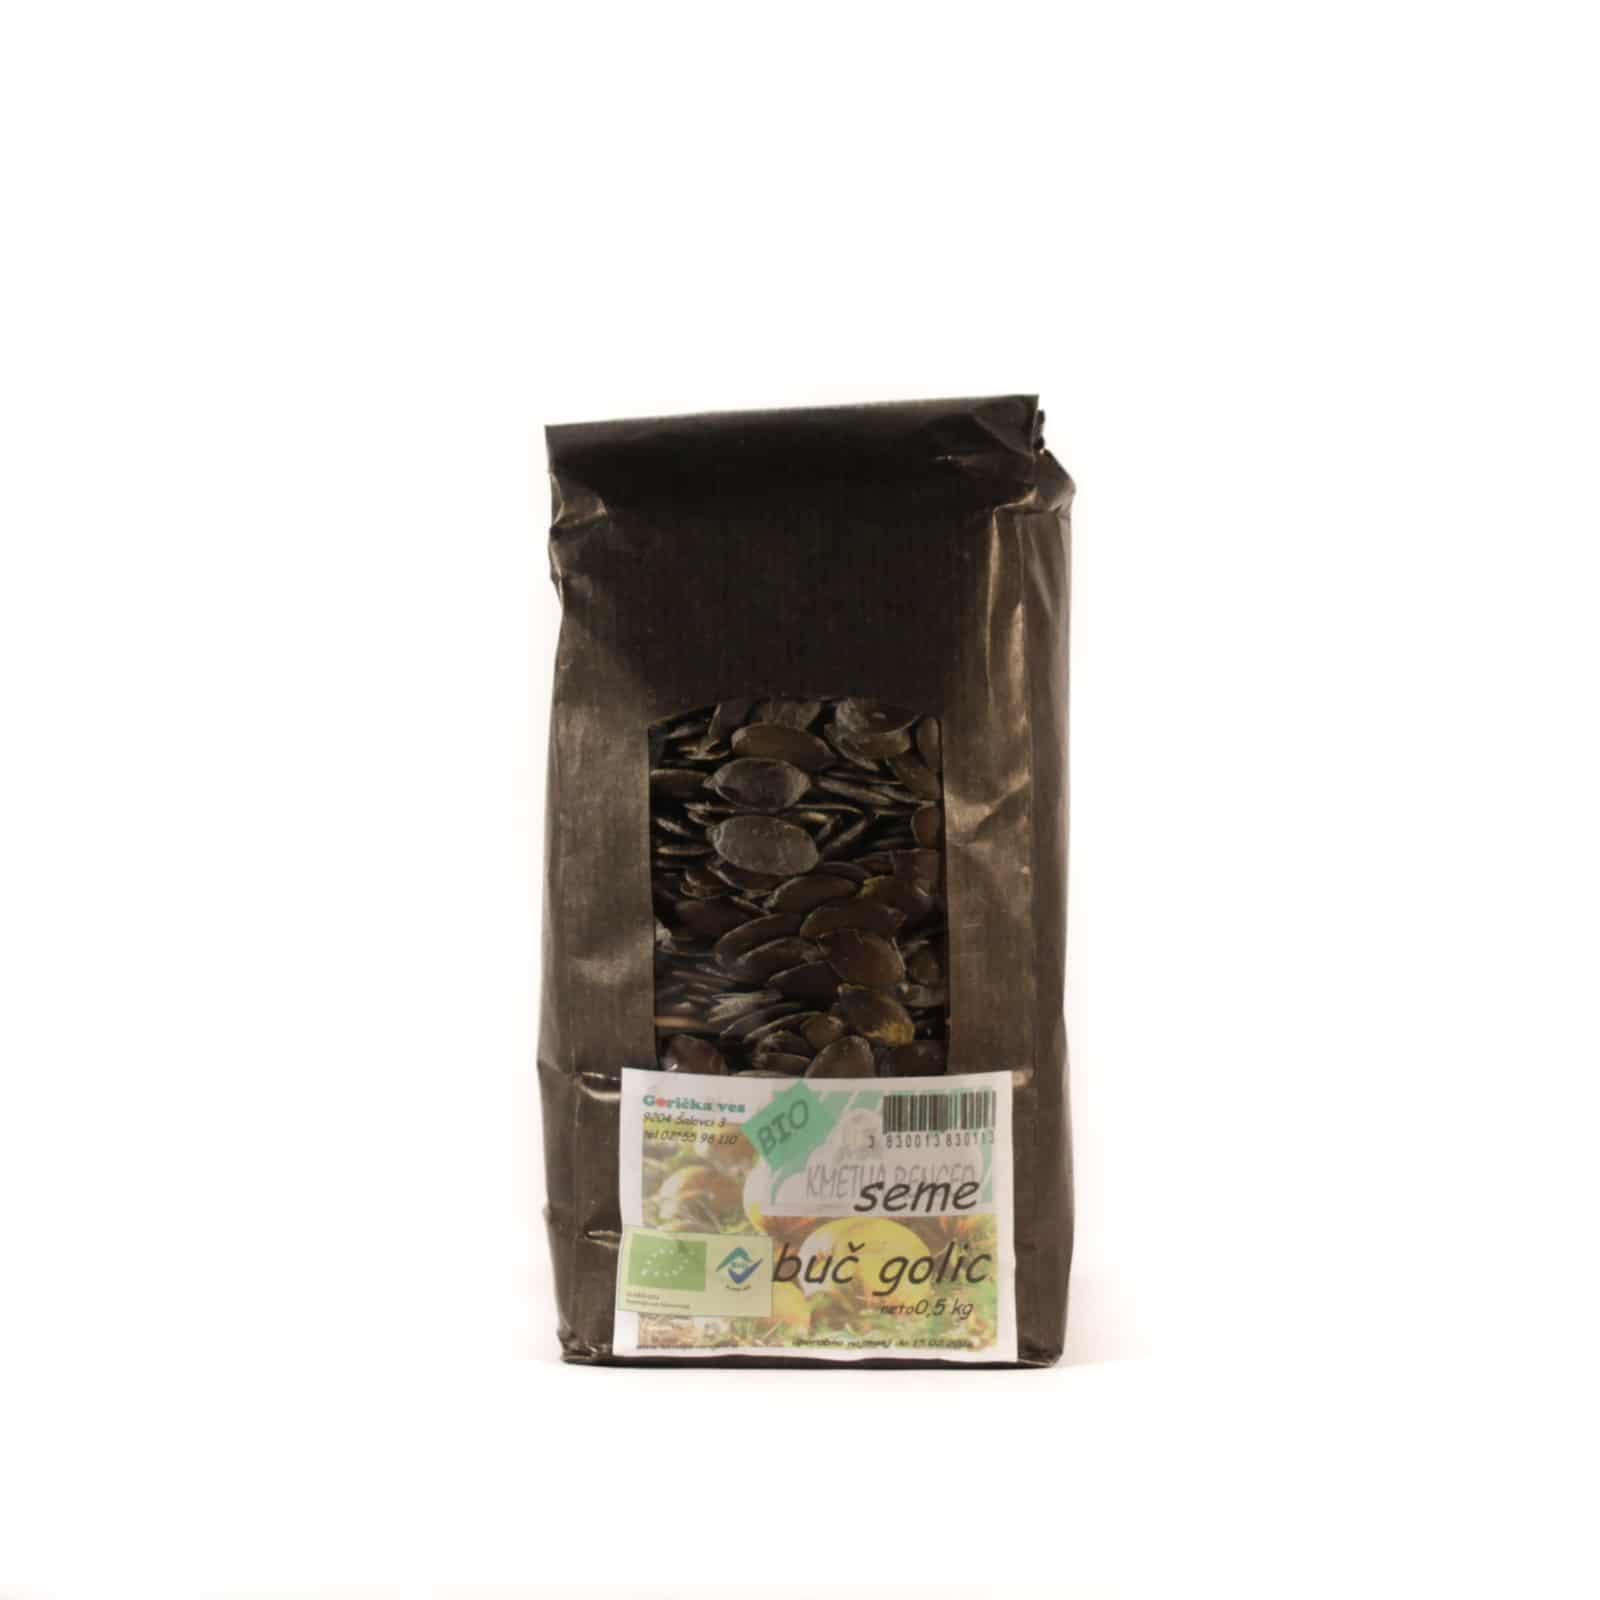 Bučno seme ekološke pridelave 0,5kg